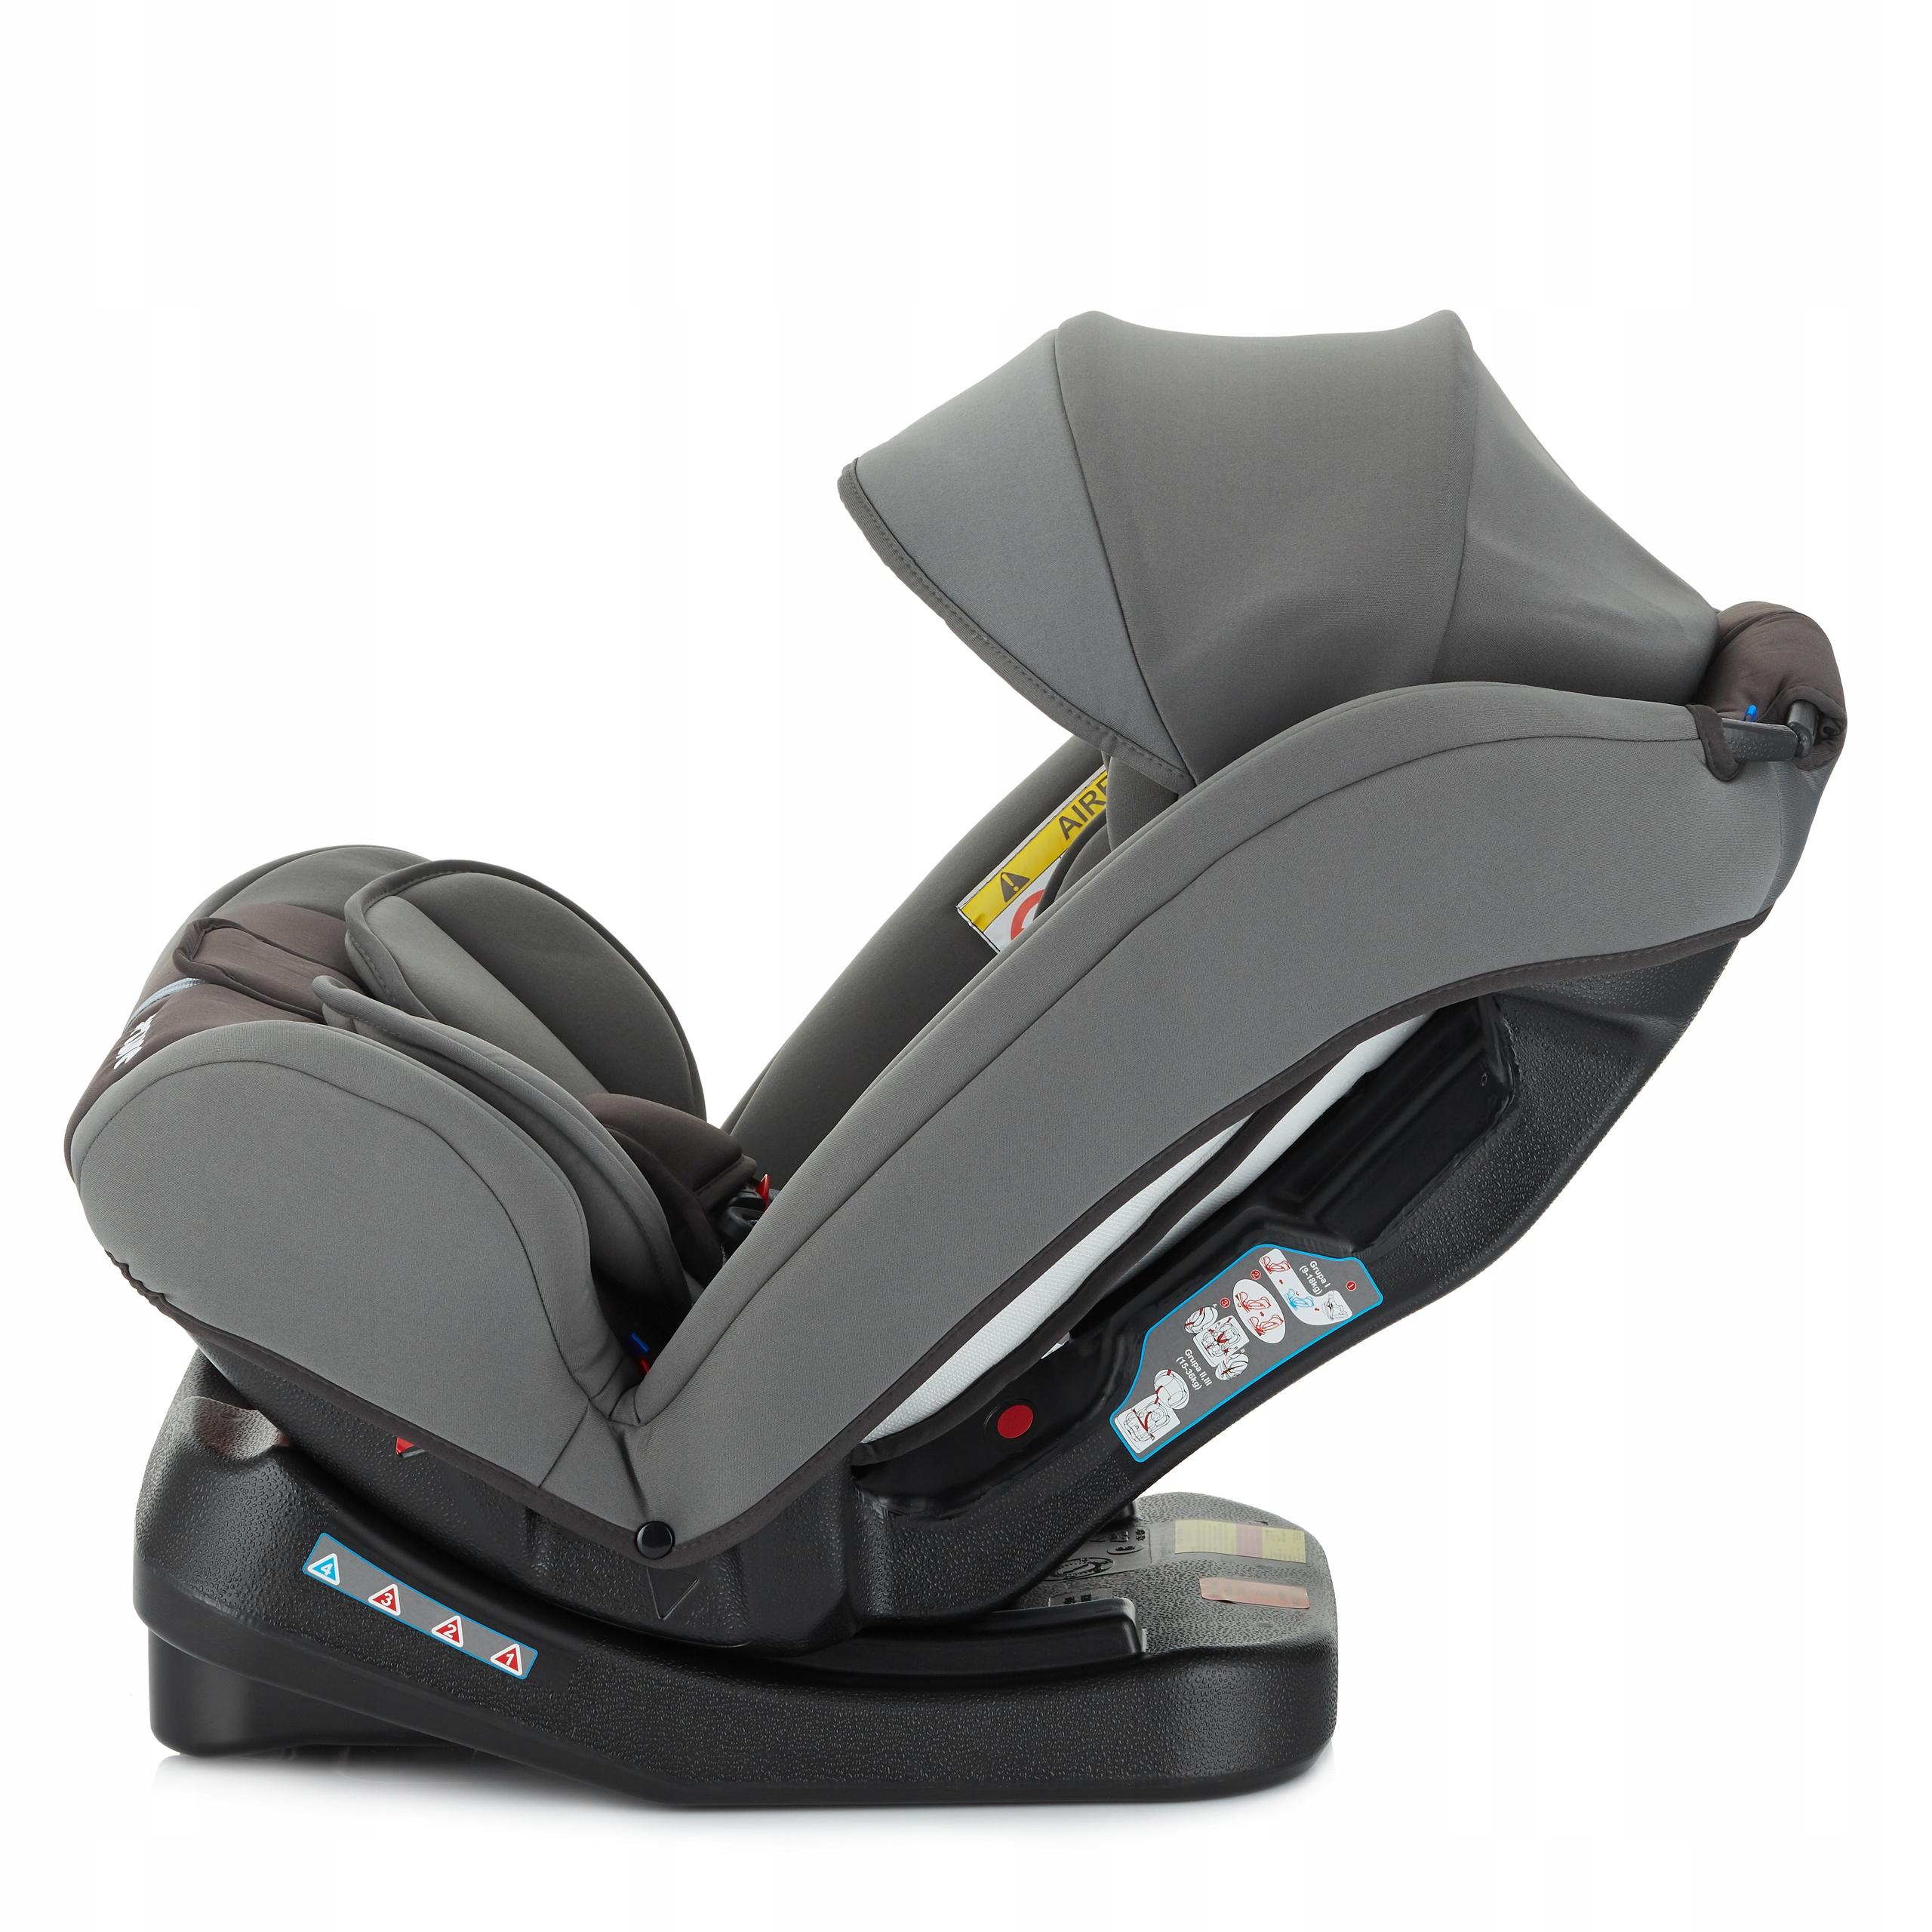 Fotelik samochodowy Sesttino Secure PRO 0-36kg EAN 5903738105090